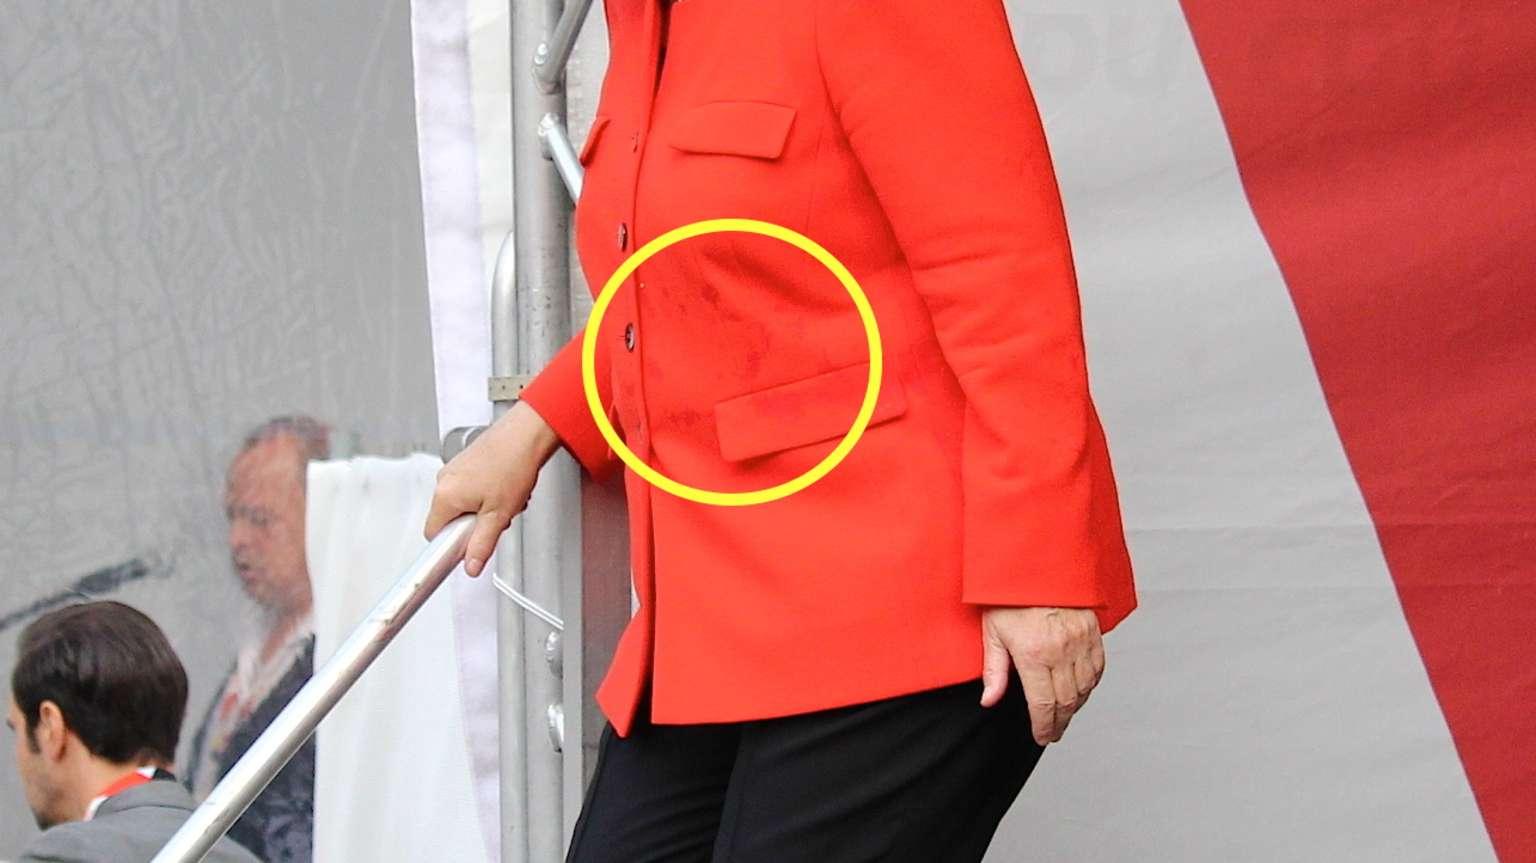 Angela Merkel, atacată cu roşii în timpul unui miting electoral. VIDEO